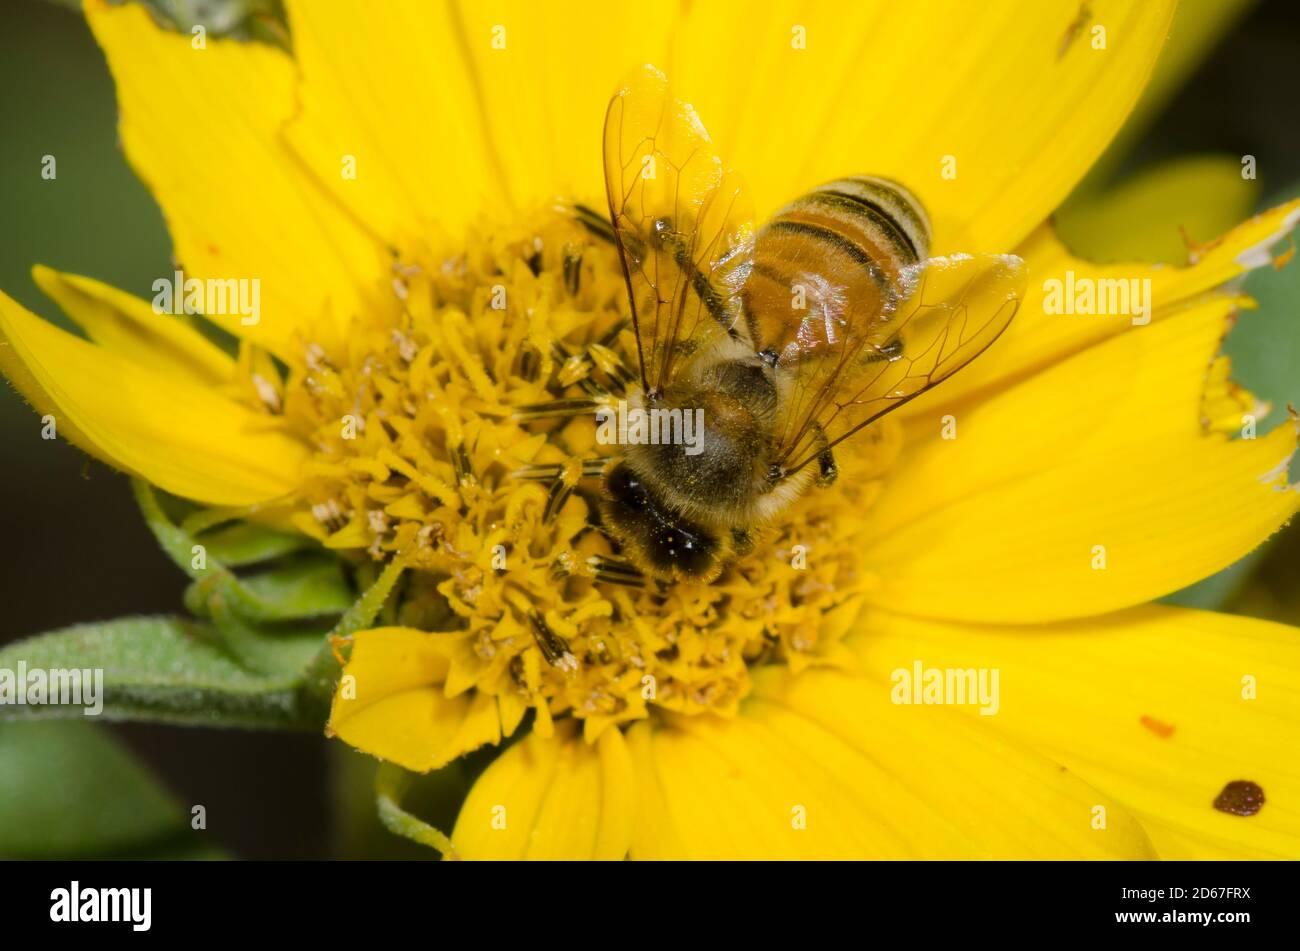 Miel de abeja, Apis mellifera, forrajeo sobre el girasol Maximiliano, Helianthus maximiliani Foto de stock